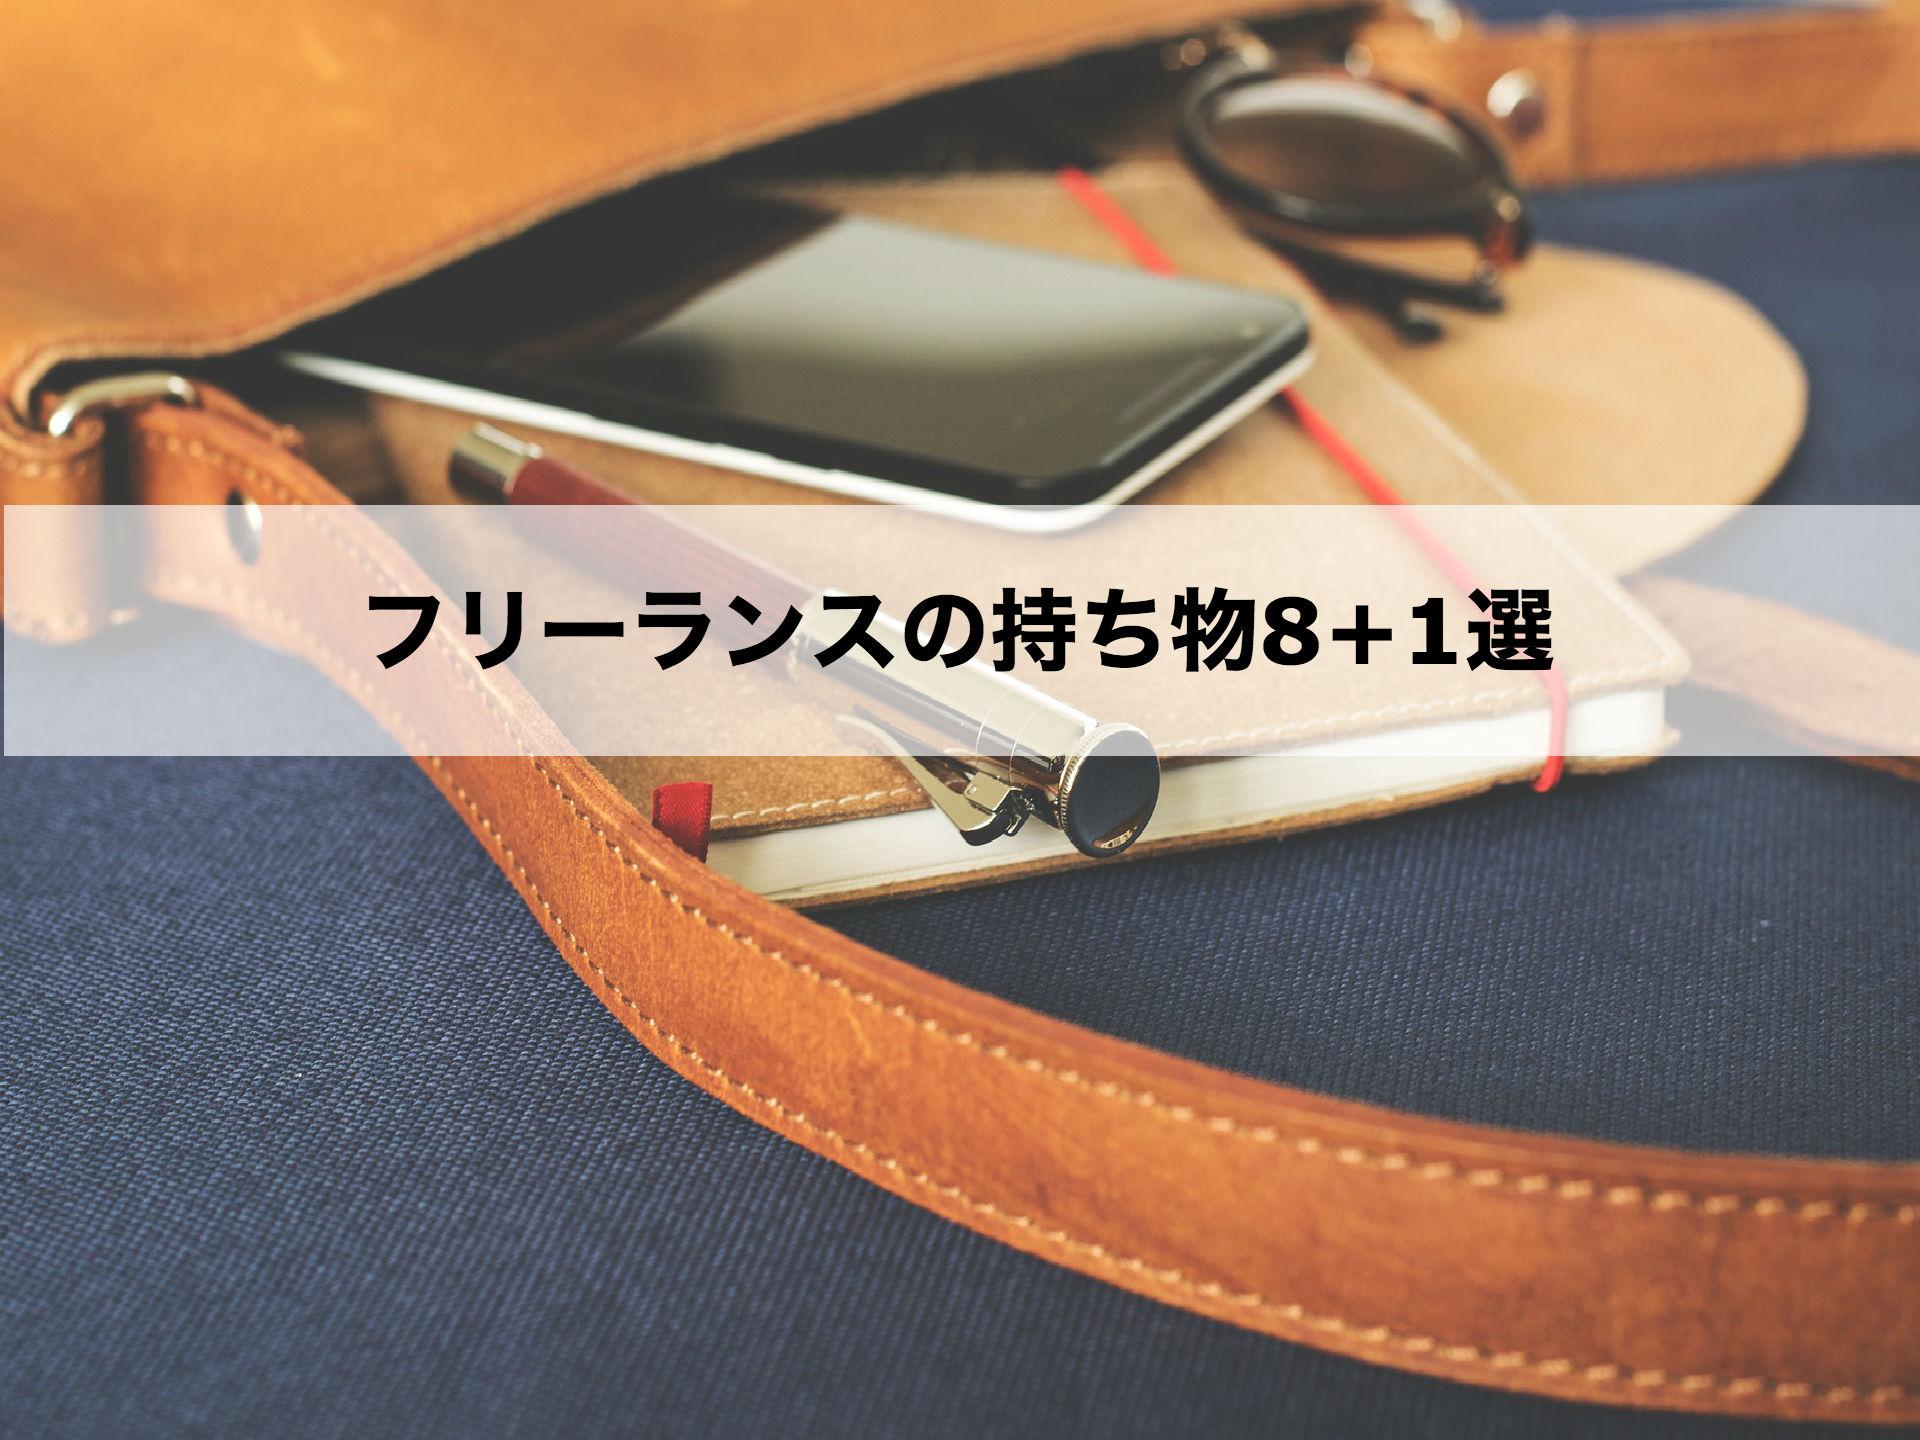 高スキルフリーランスの必須の持ち物【8+1選】